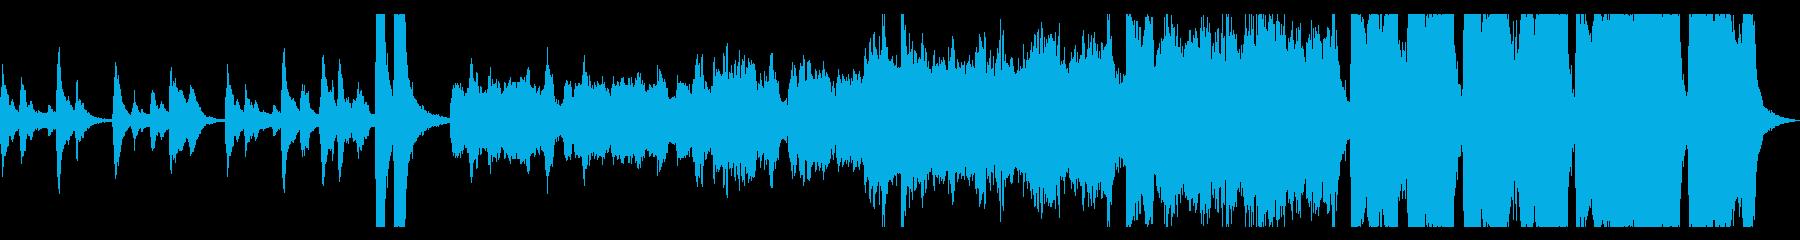 ハロウィン幽霊屋敷イメージのオケ曲ループの再生済みの波形